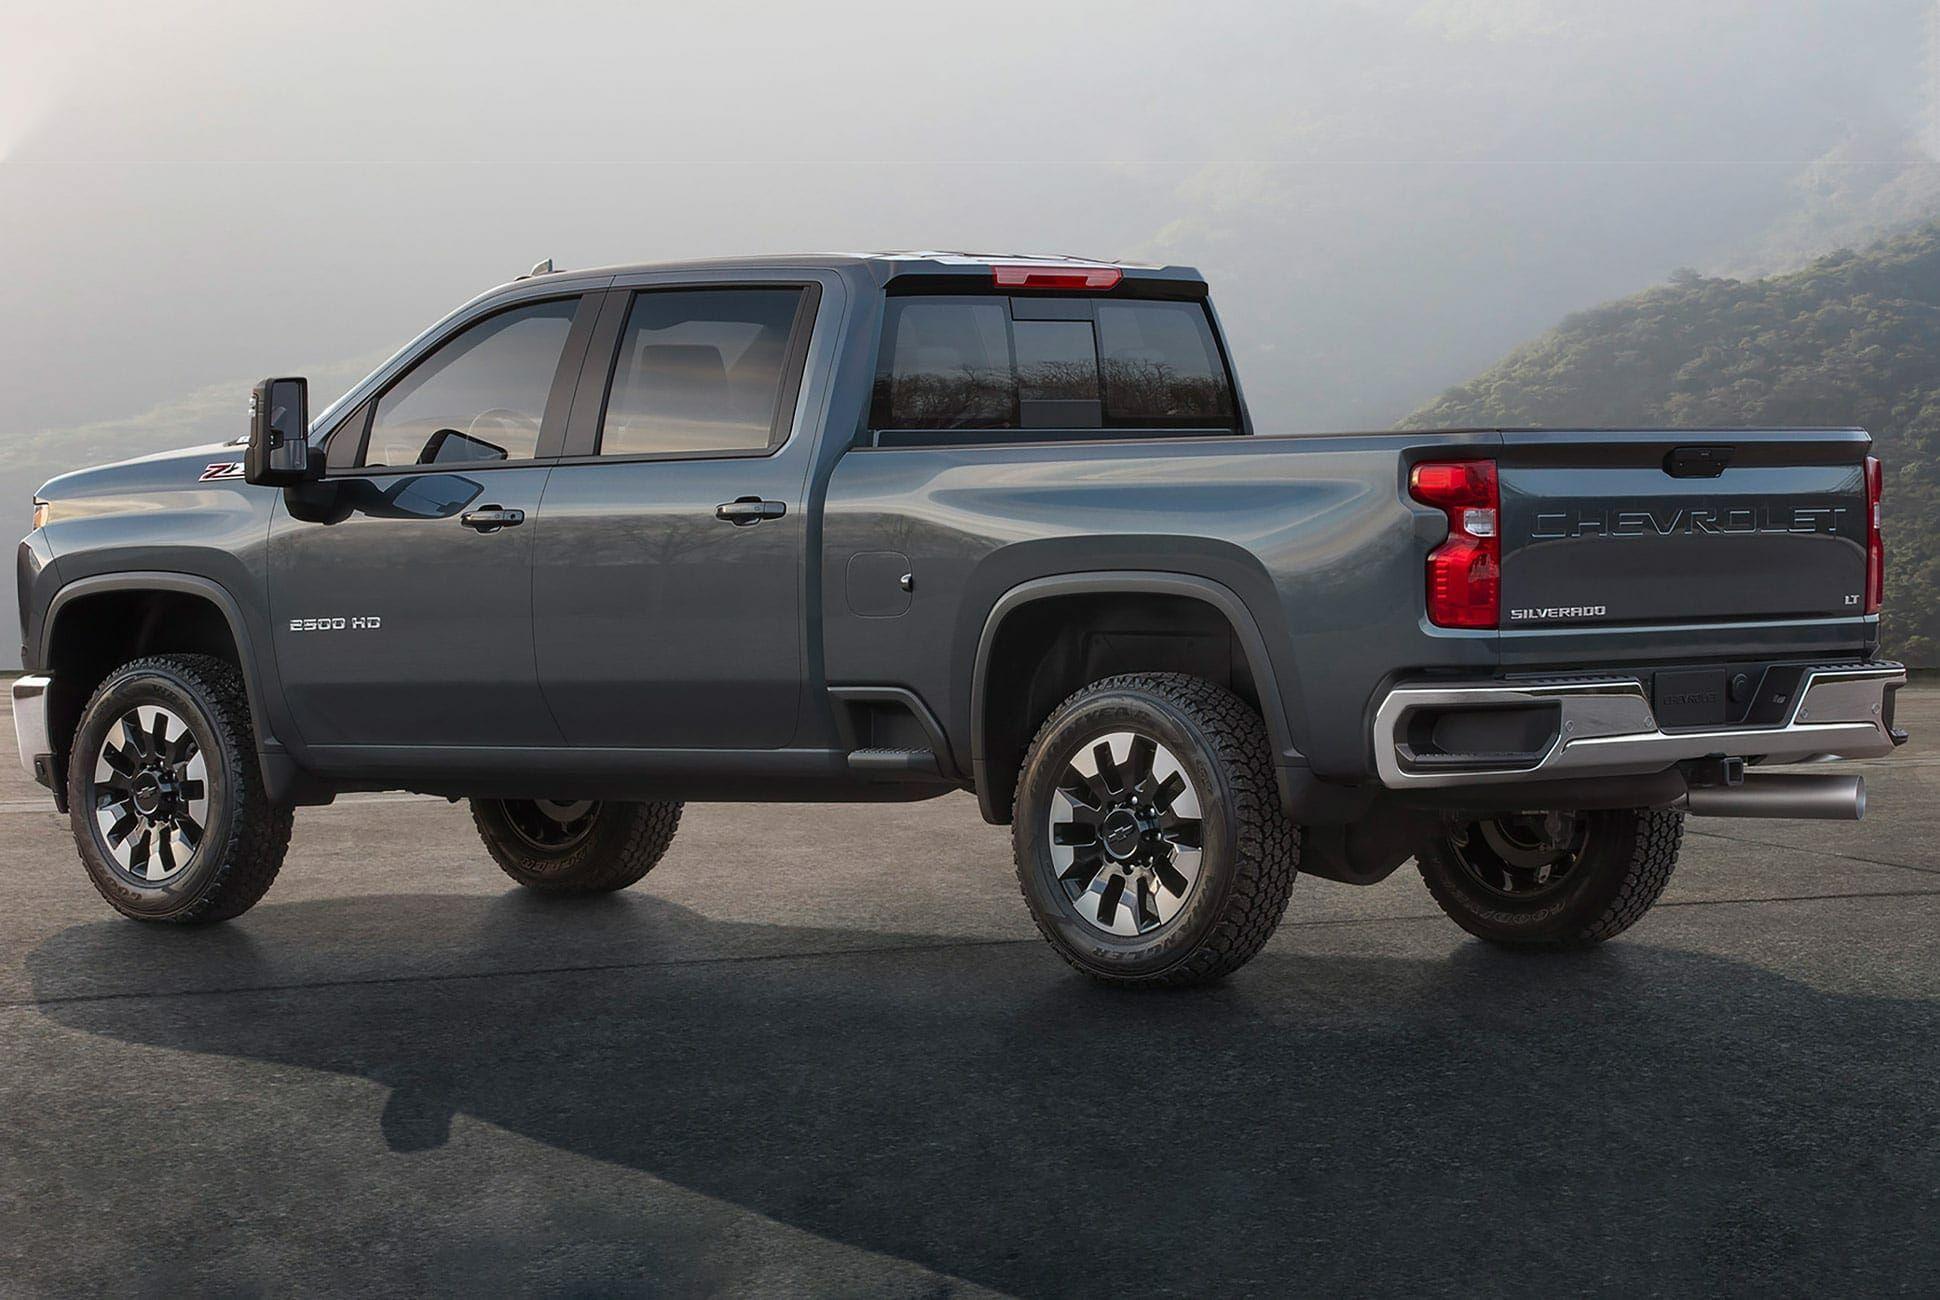 2020-Chevy-Silverado-Gear-Patrol-SLide-2